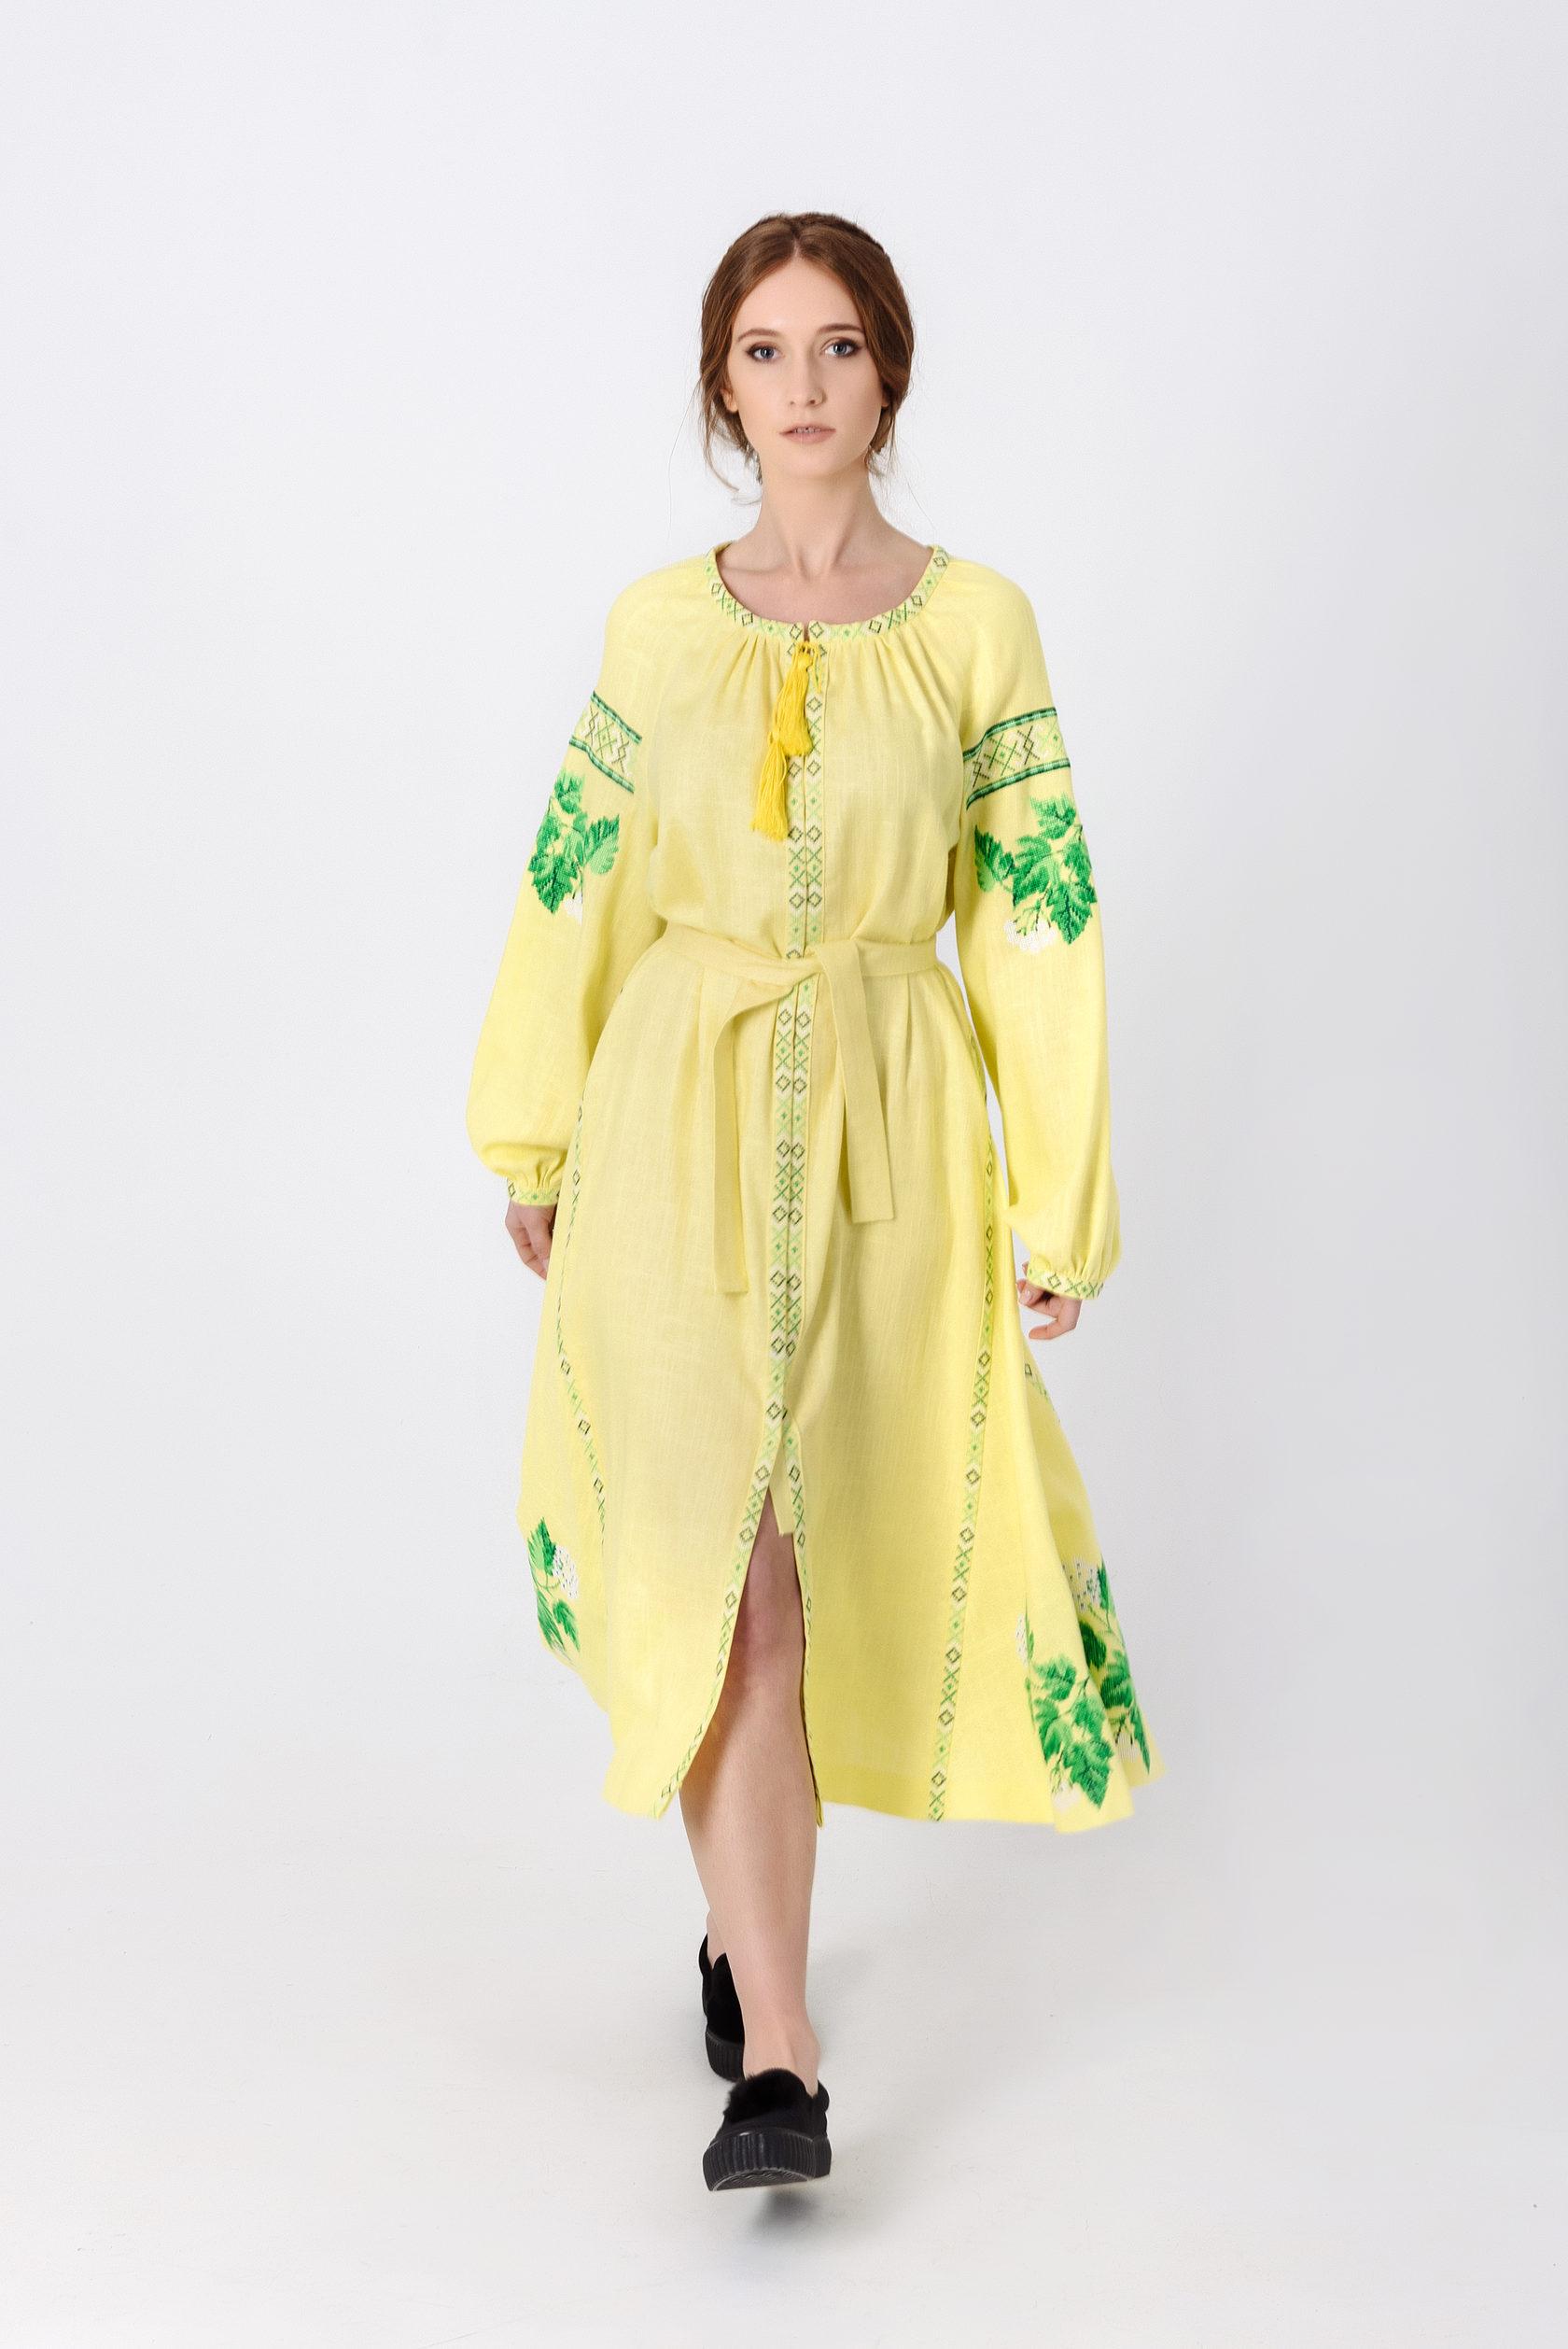 ef9b377ba5bb2b Літня вишита сукня «Весна» у стилі бохо стане родзинкою Вашого гардеробу та  буде радувати ідеальним станом тривалий час!